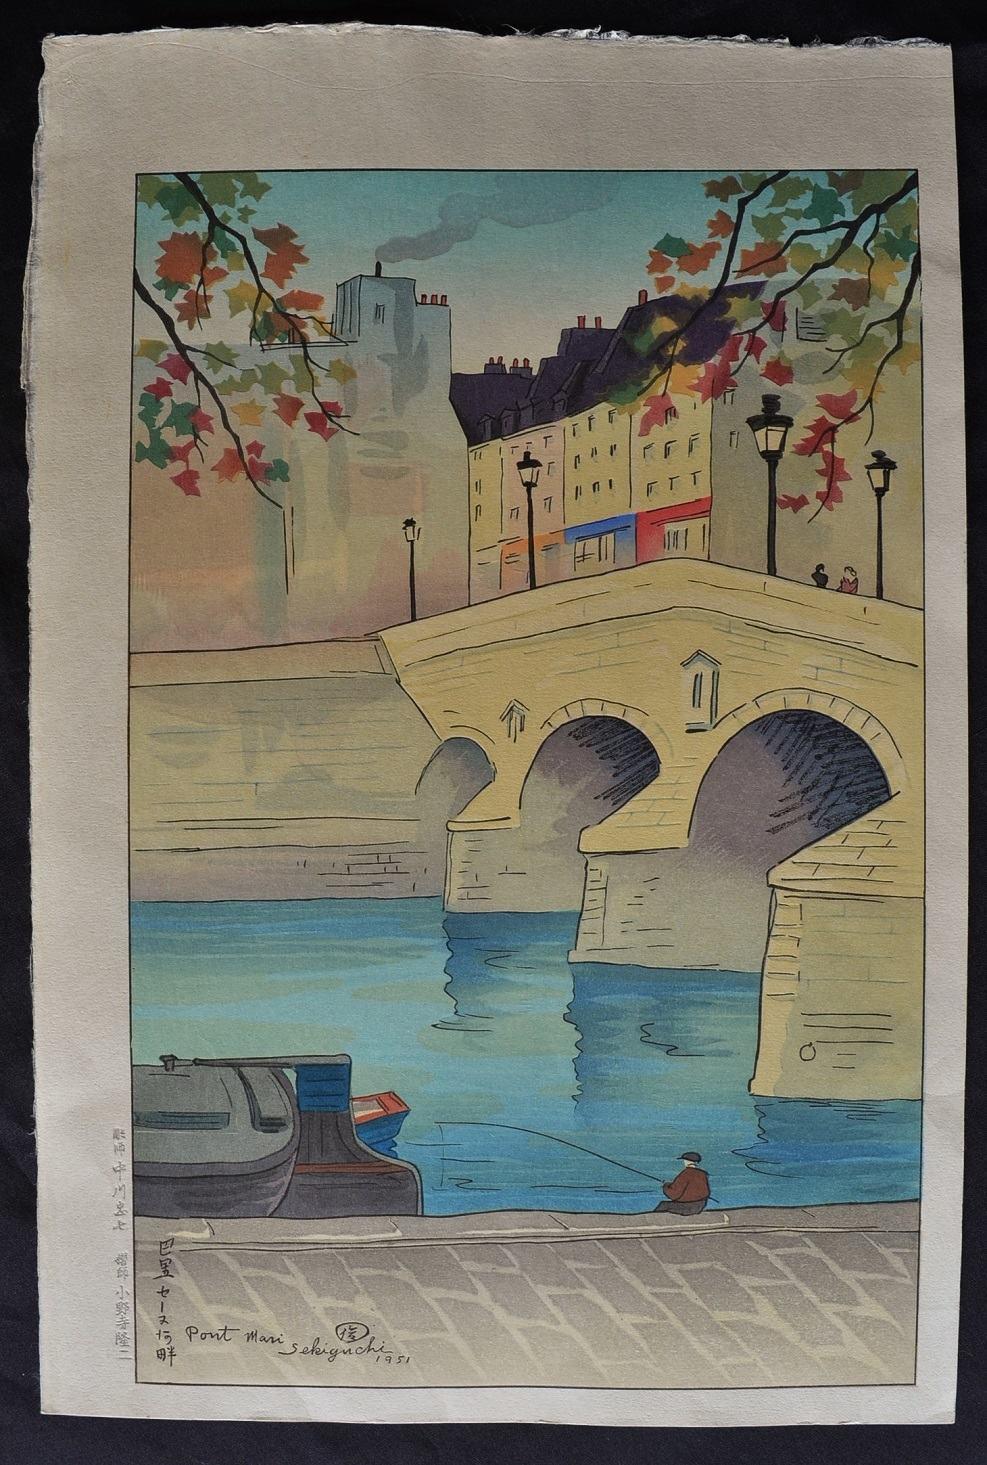 SHUNGO SEKIGUCHI: #P4371 PONT MARI, PARIS